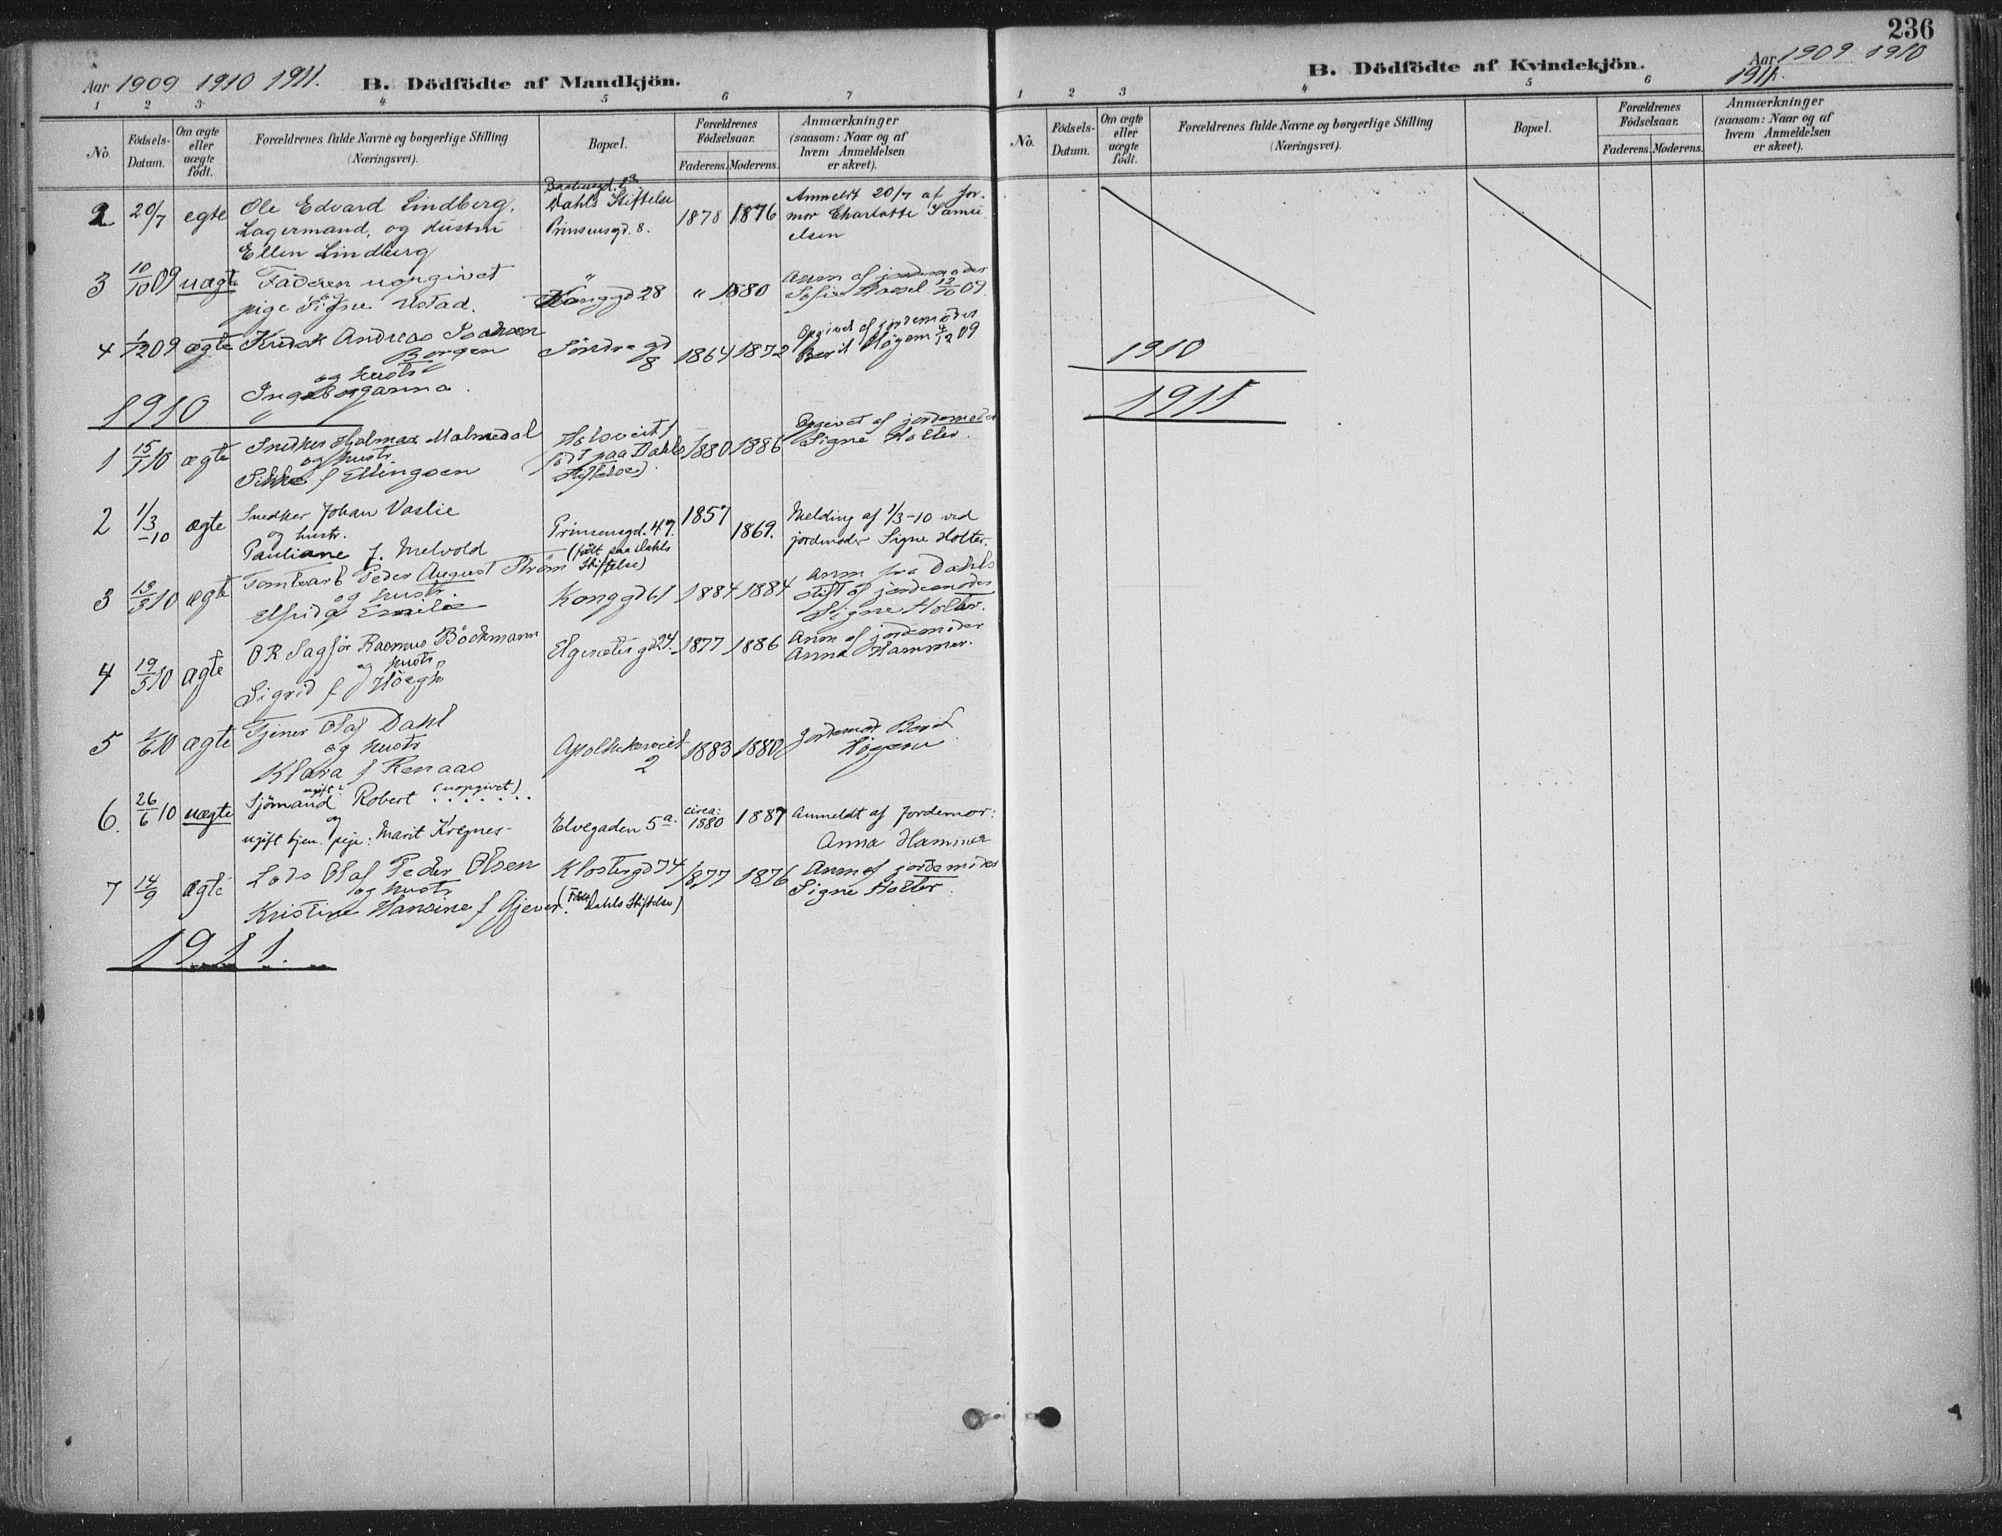 SAT, Ministerialprotokoller, klokkerbøker og fødselsregistre - Sør-Trøndelag, 601/L0062: Ministerialbok nr. 601A30, 1891-1911, s. 236